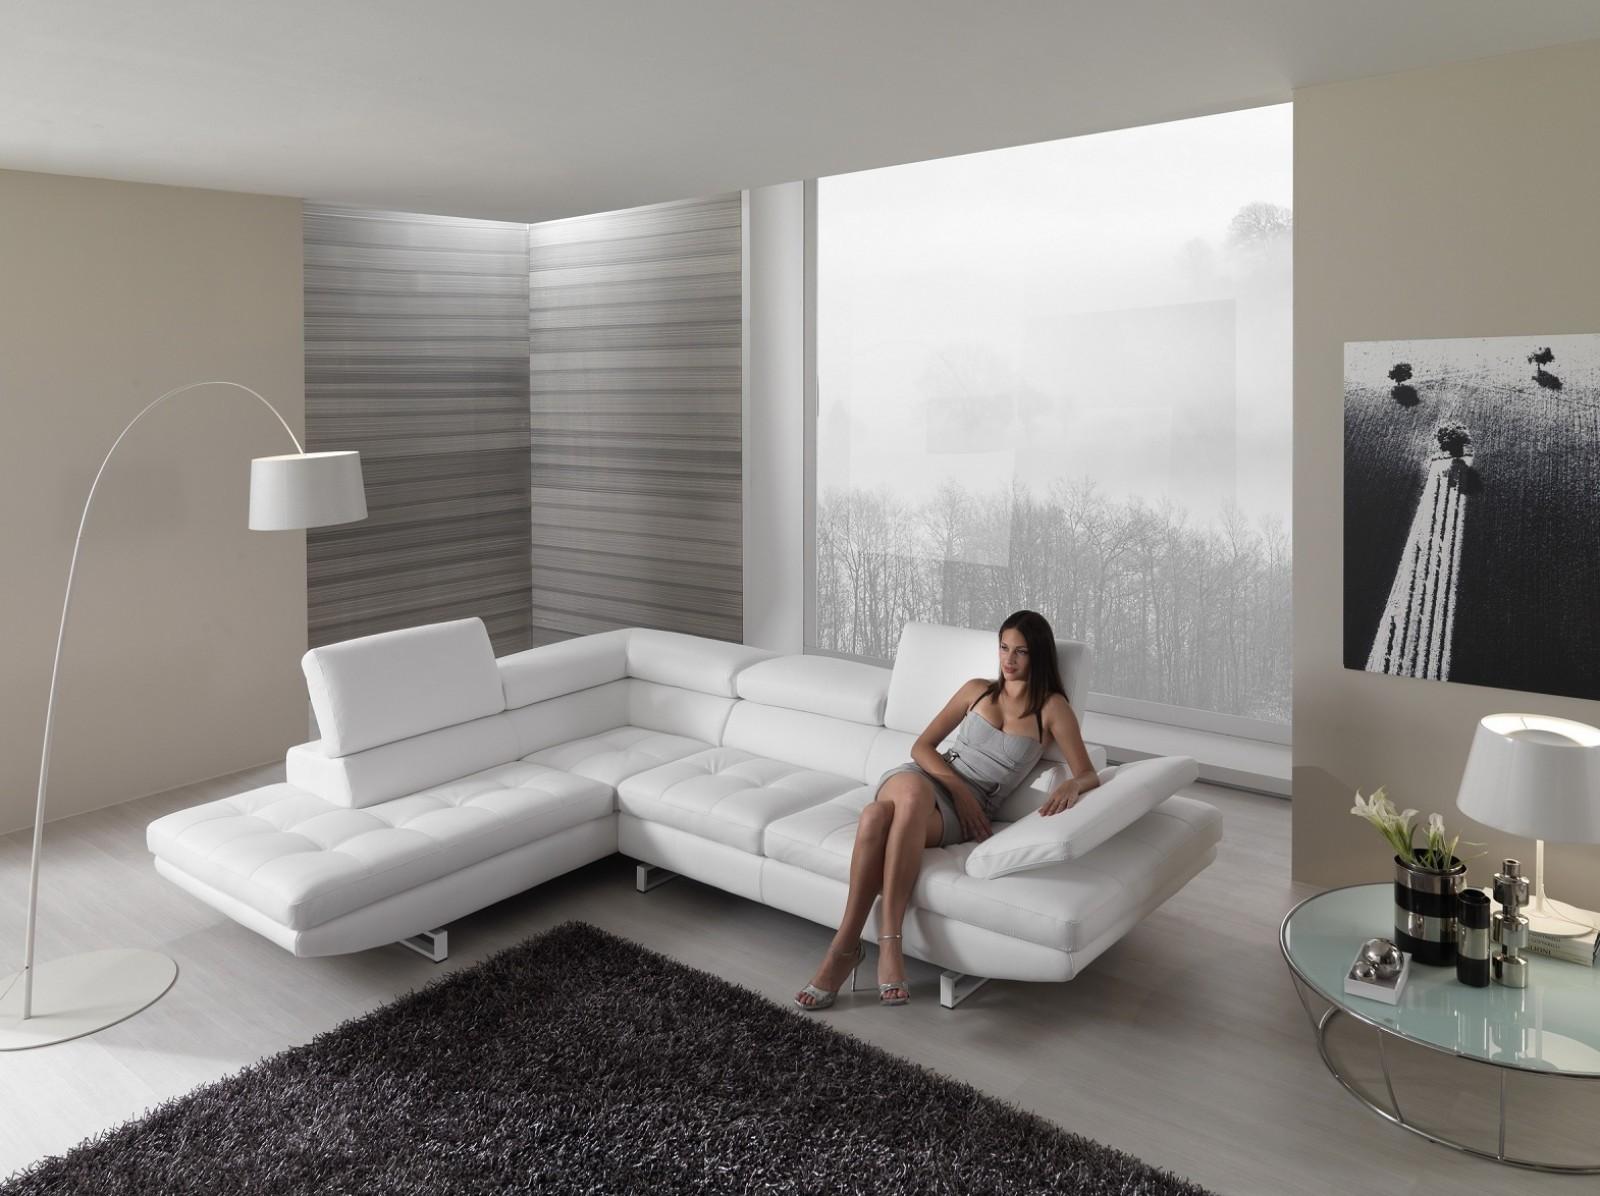 proposte d'arredo di franco gulotta - arredamento, camere, cucine ... - In Pelle Bianca Divano Ad Angolo Design